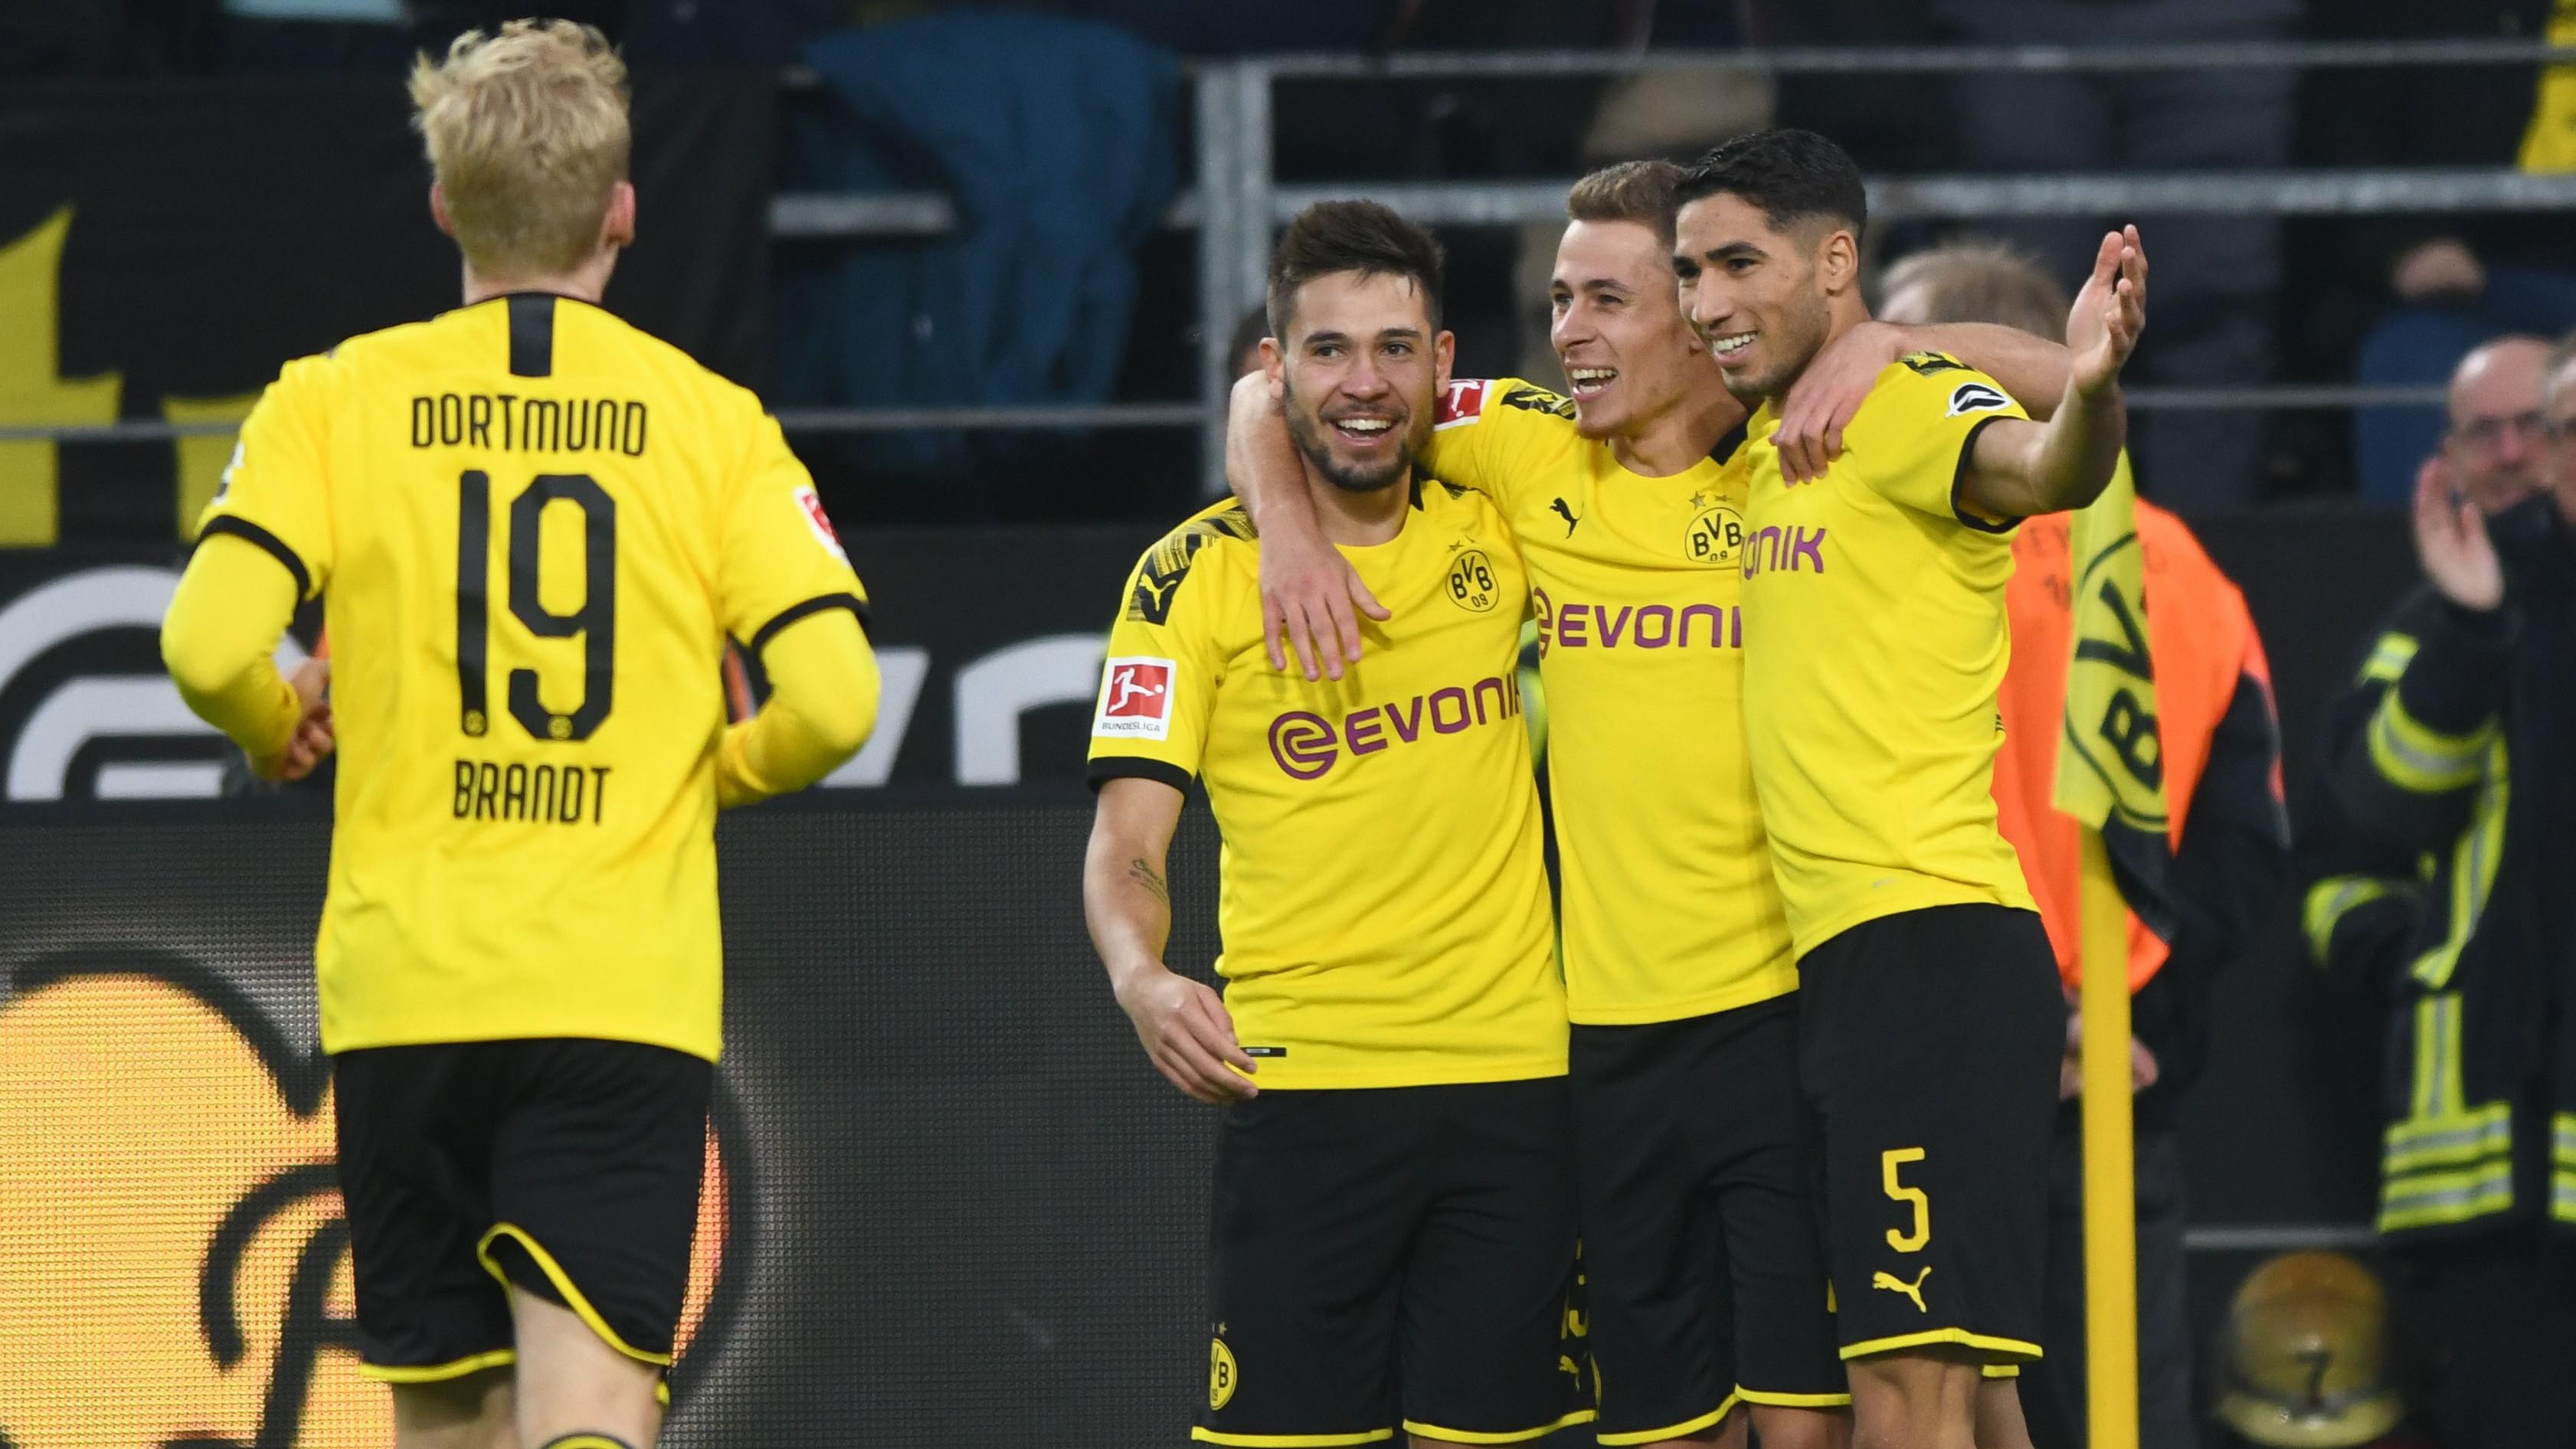 Der am meisten unterschätzte BVB-Star verdient mehr Anerkennung